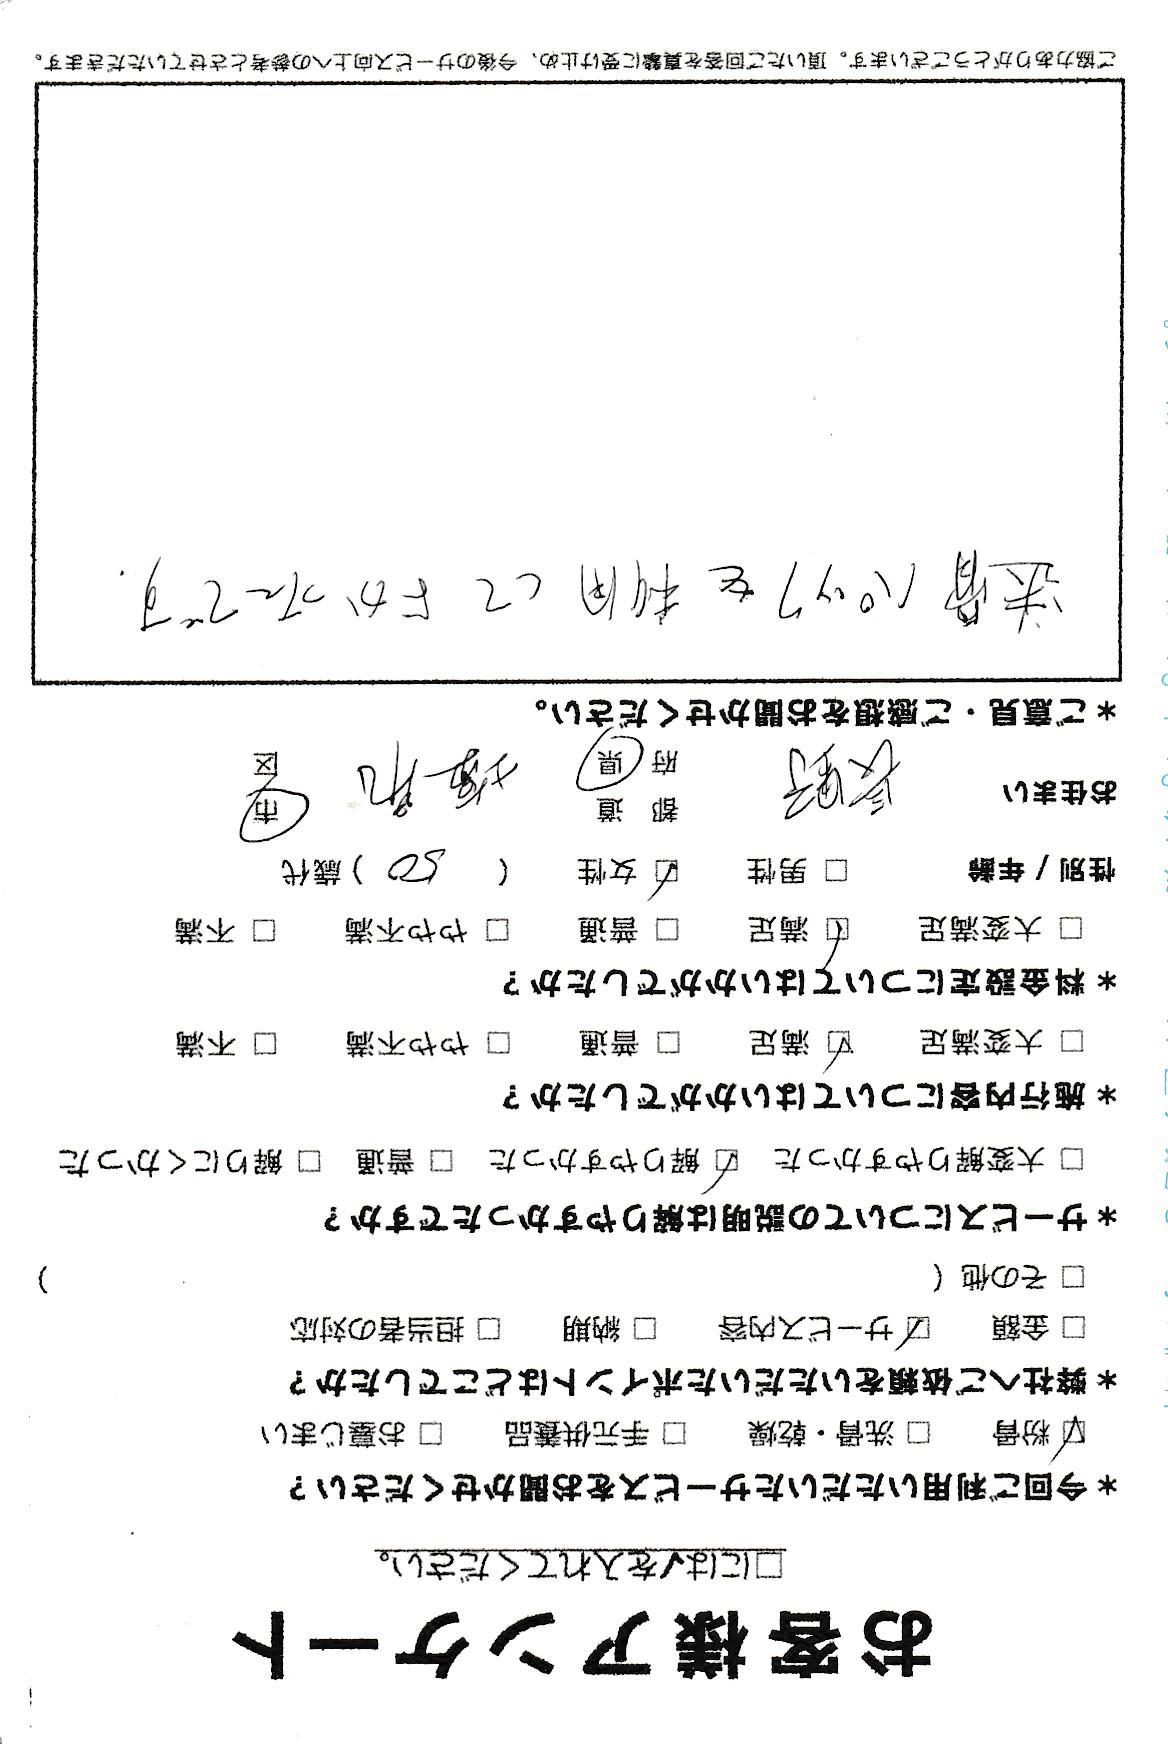 長野県塩尻市での粉骨サービス